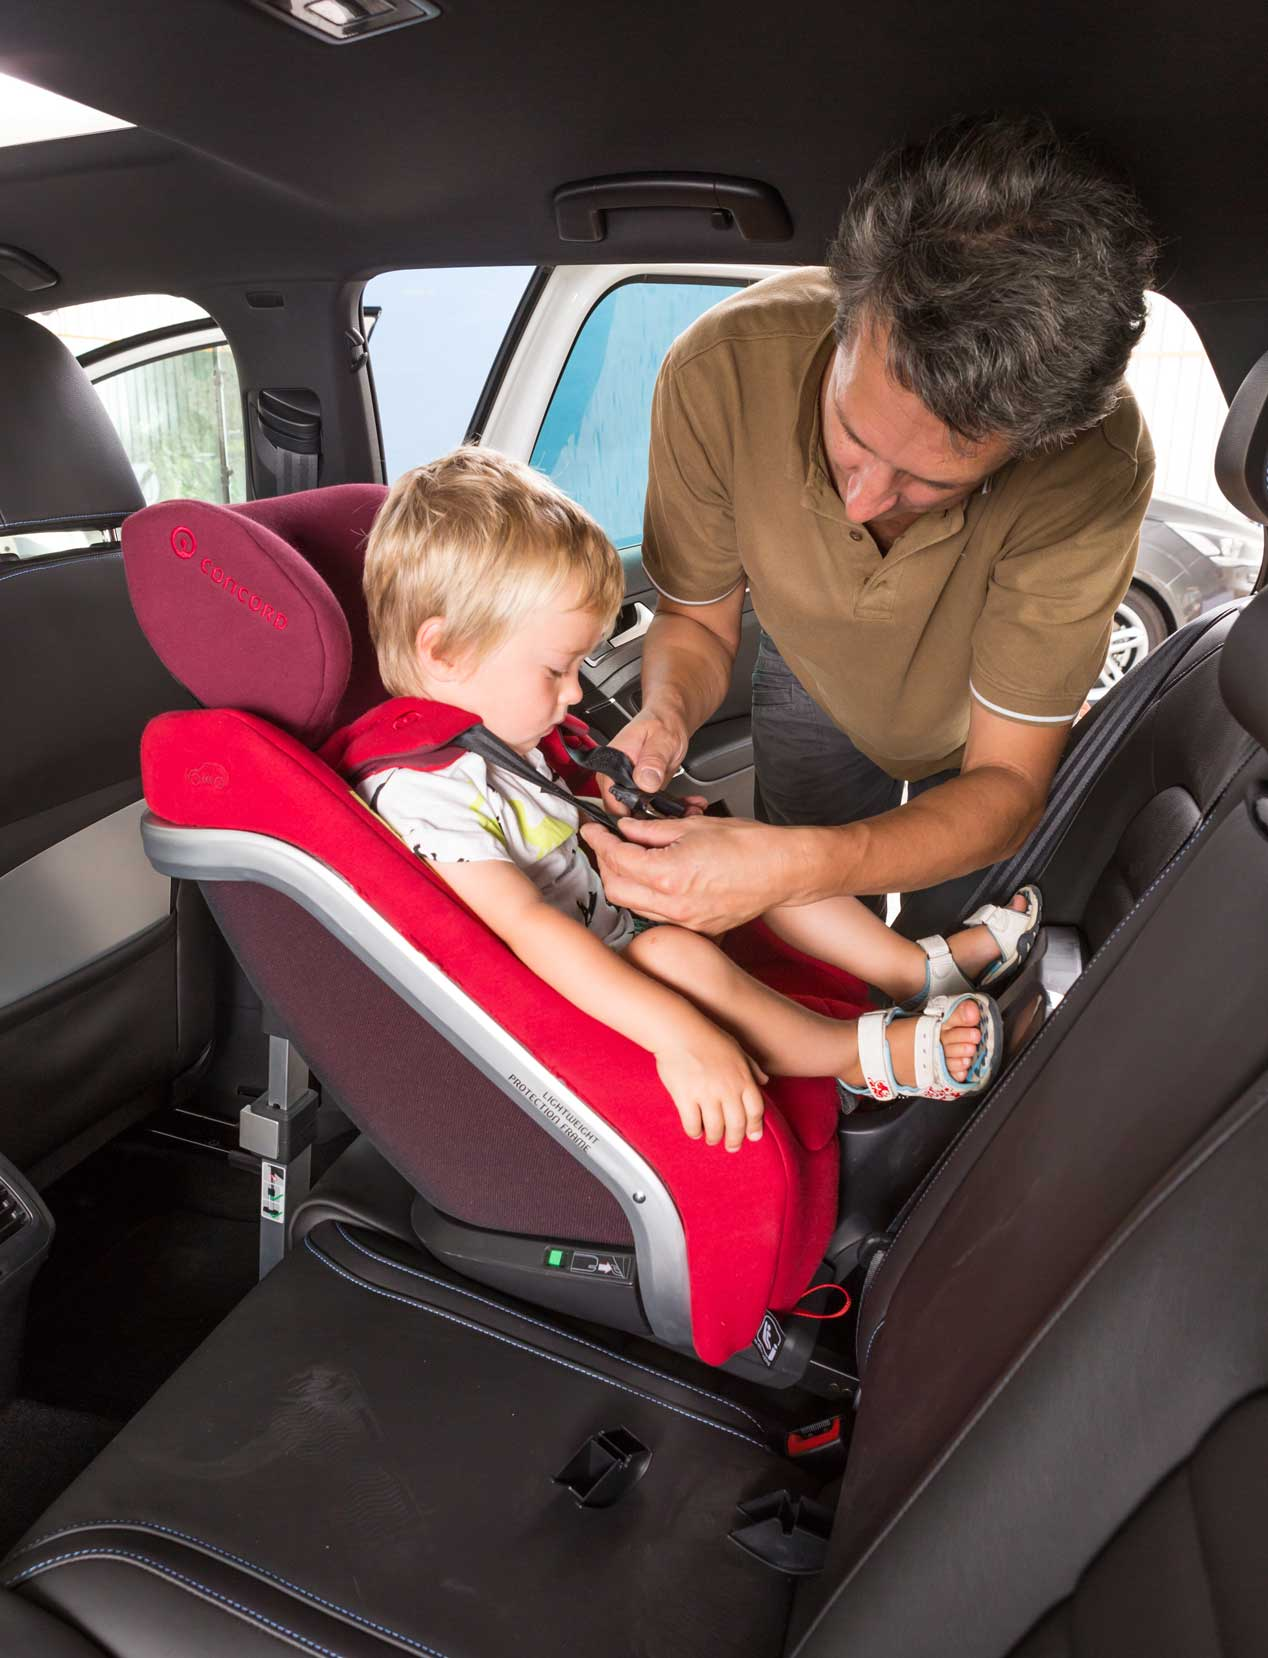 Galer A Sillas Infantiles Ninos Coches Fotos Autopista